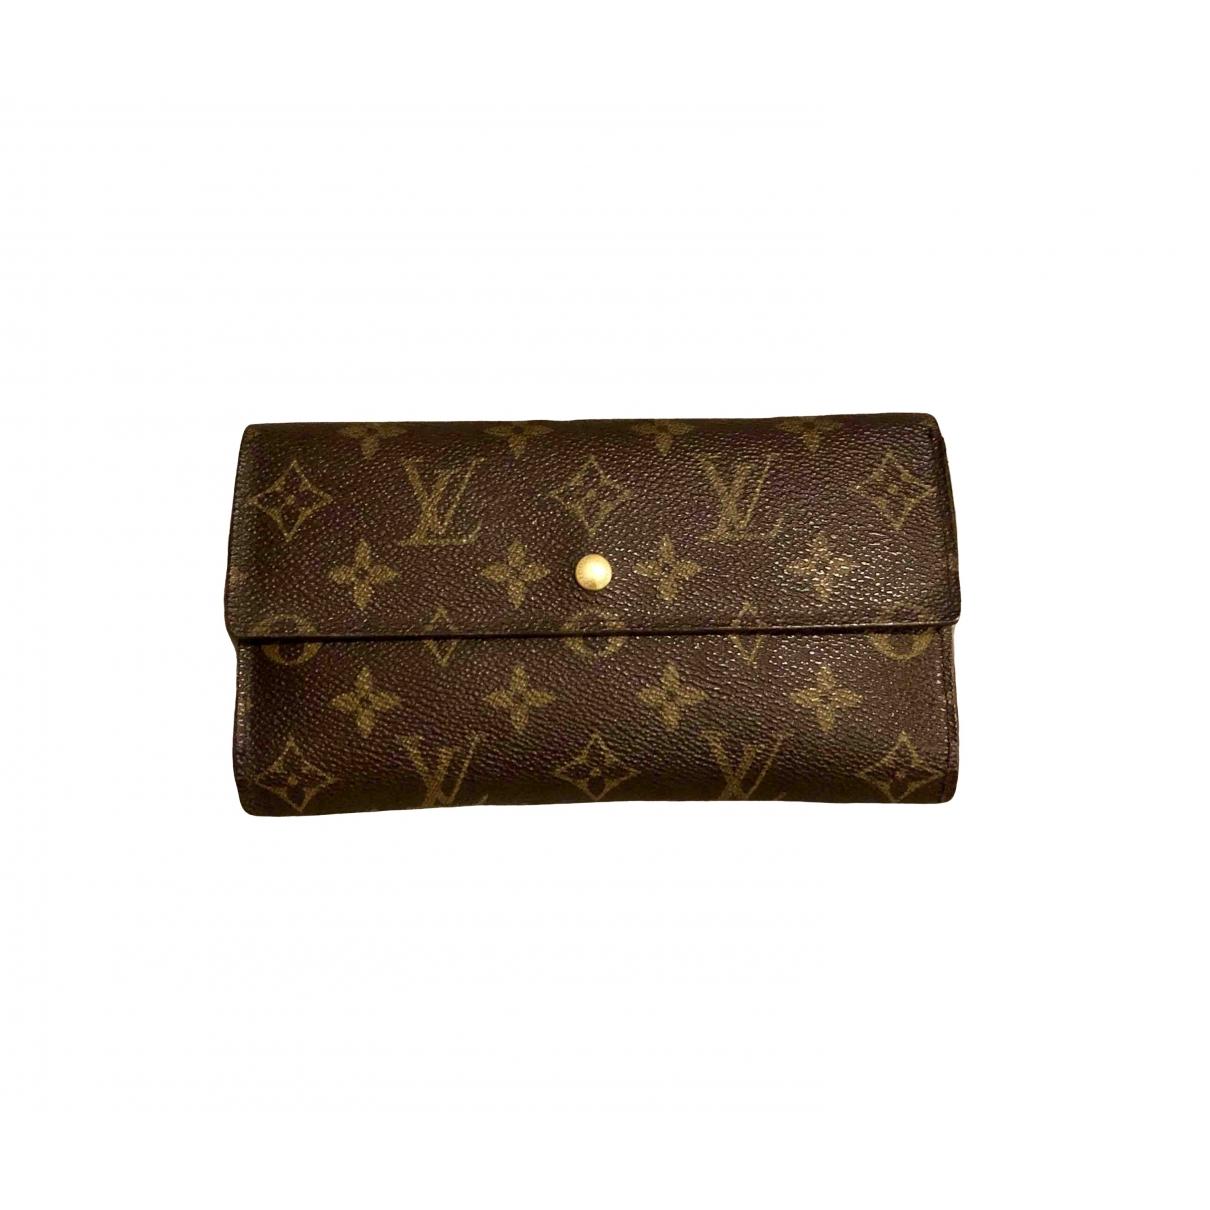 Louis Vuitton - Portefeuille Virtuose pour femme en toile - marron